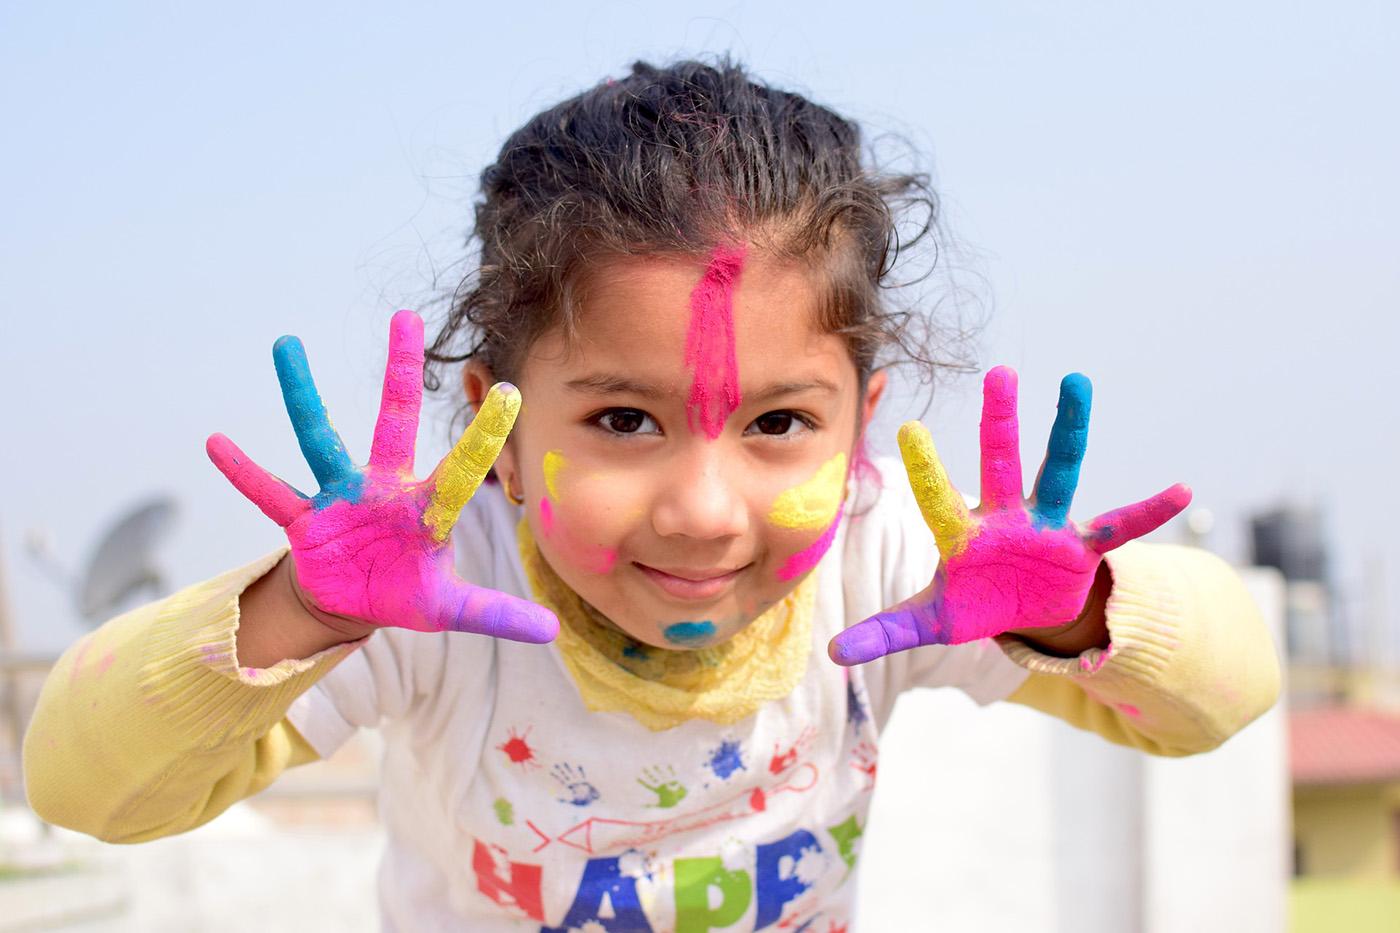 Mädchen mit Handfarben